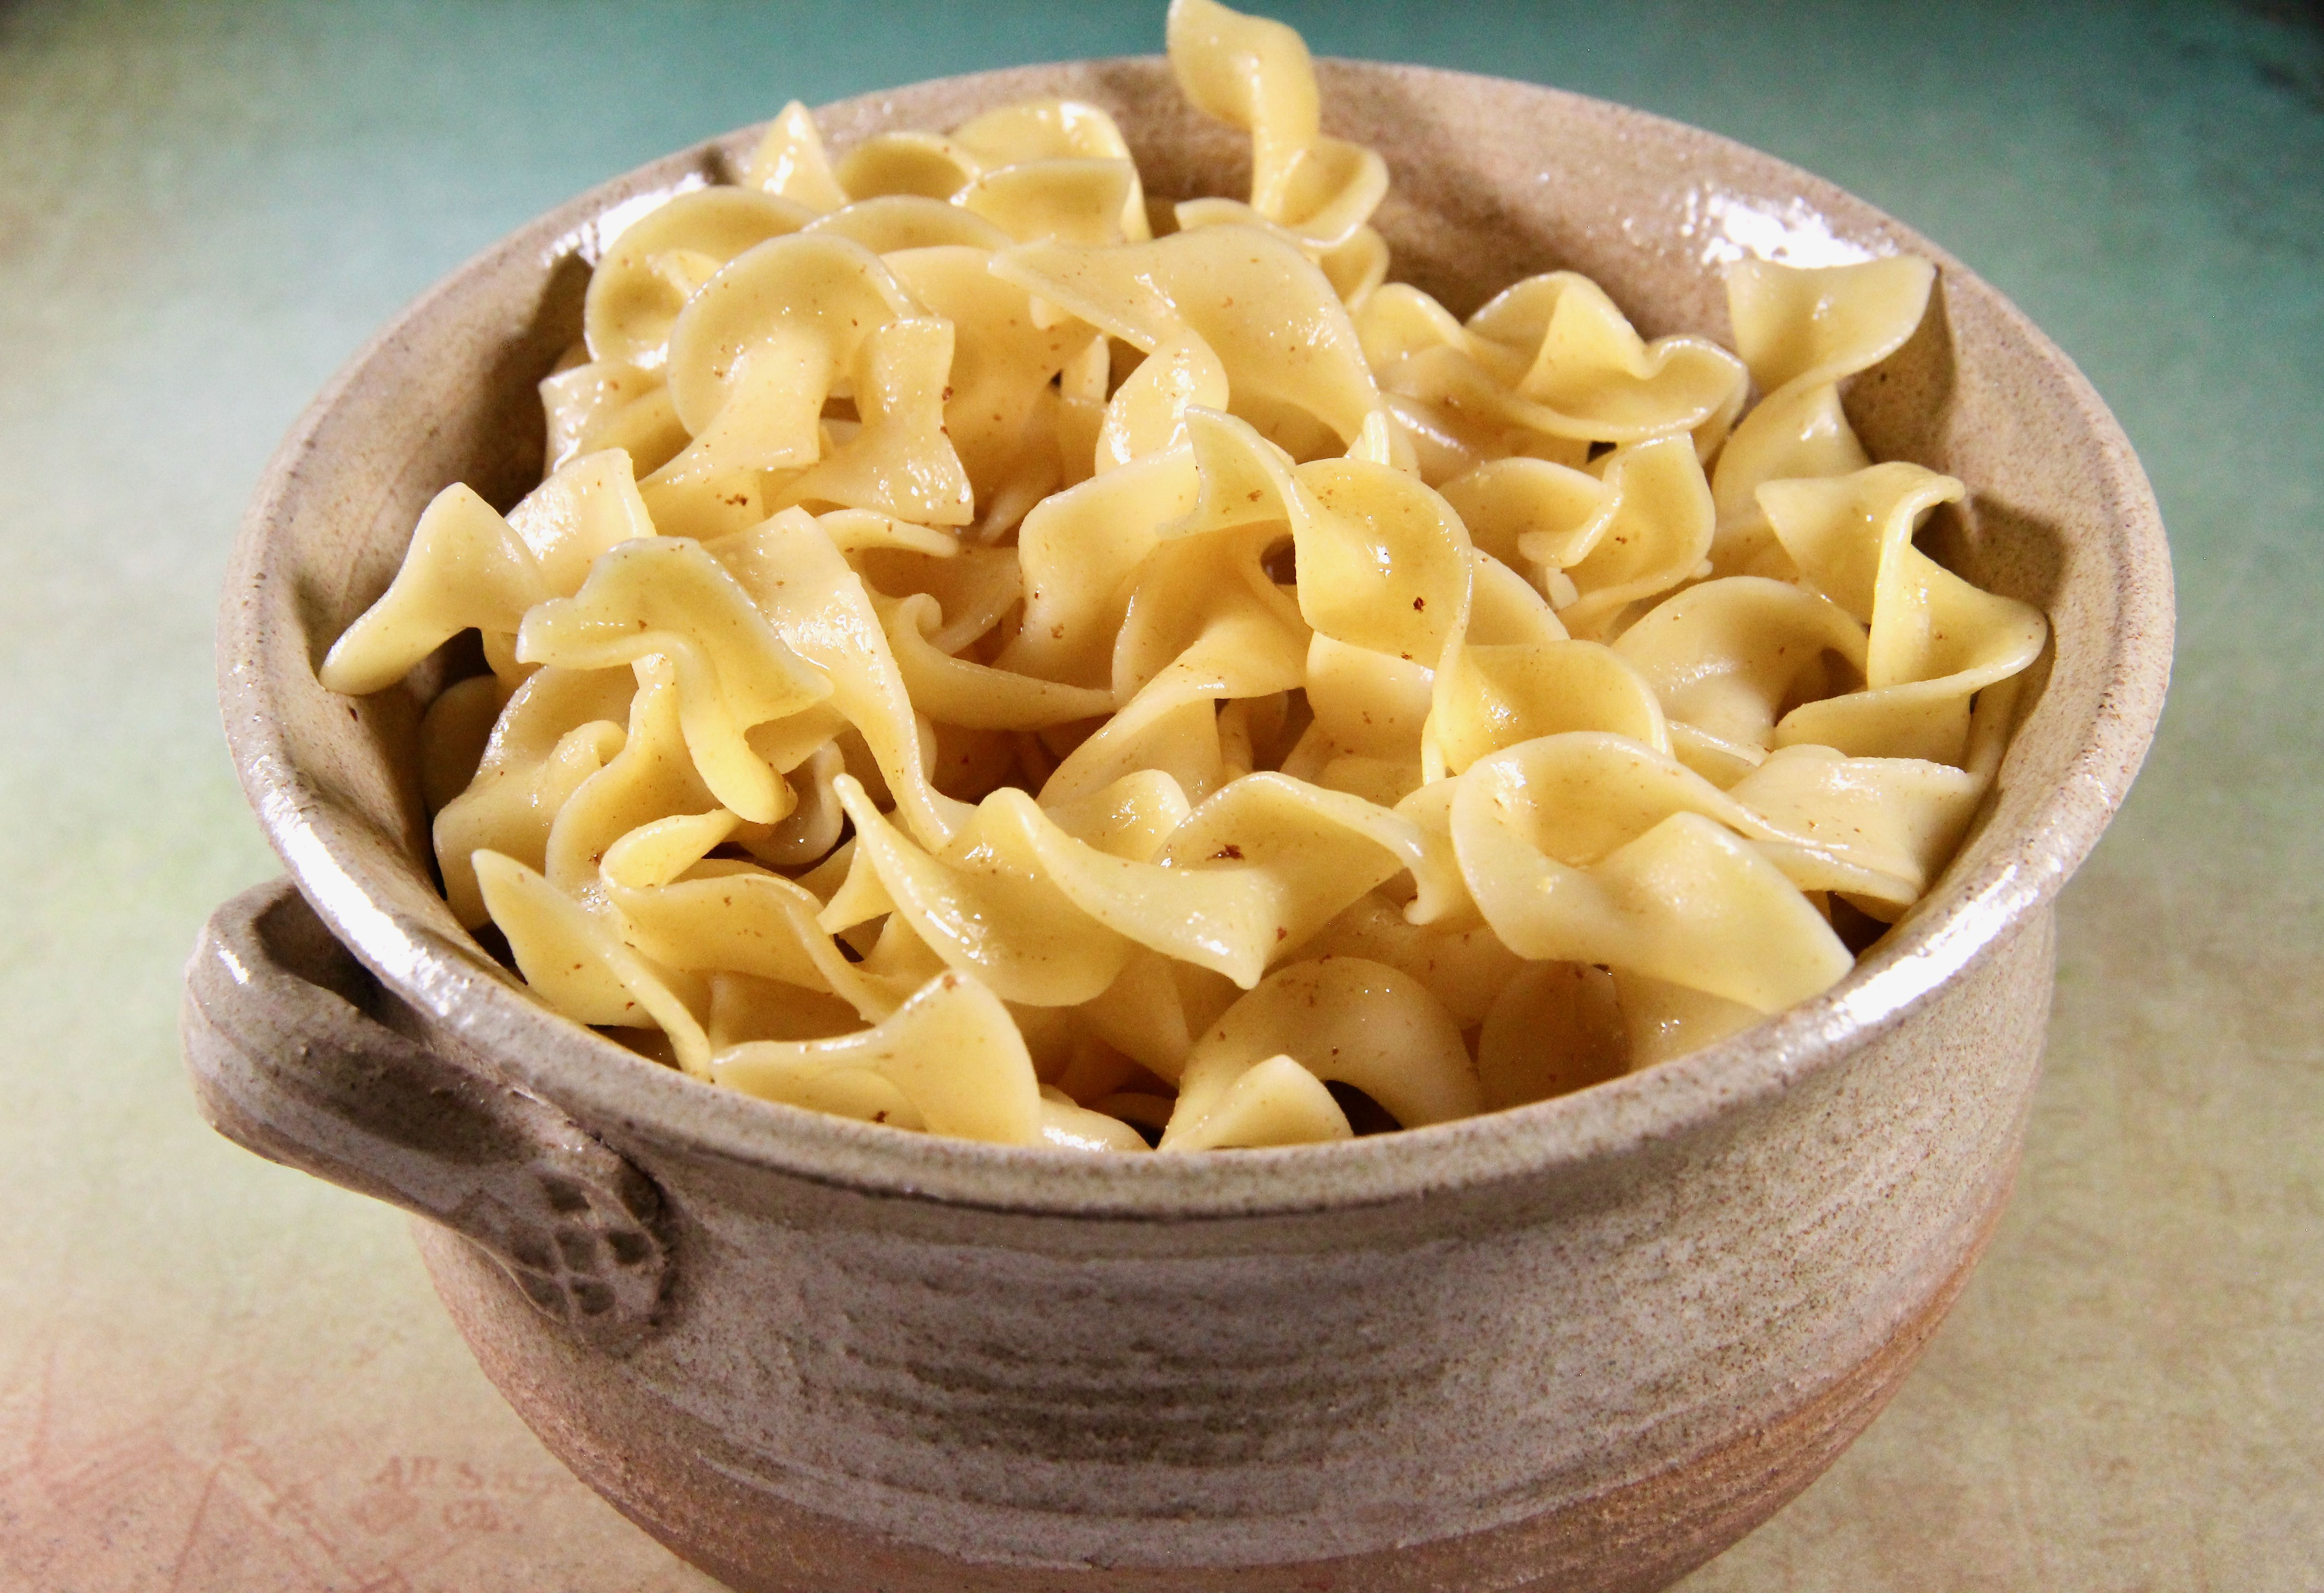 Amish Buttered Egg Noodles image